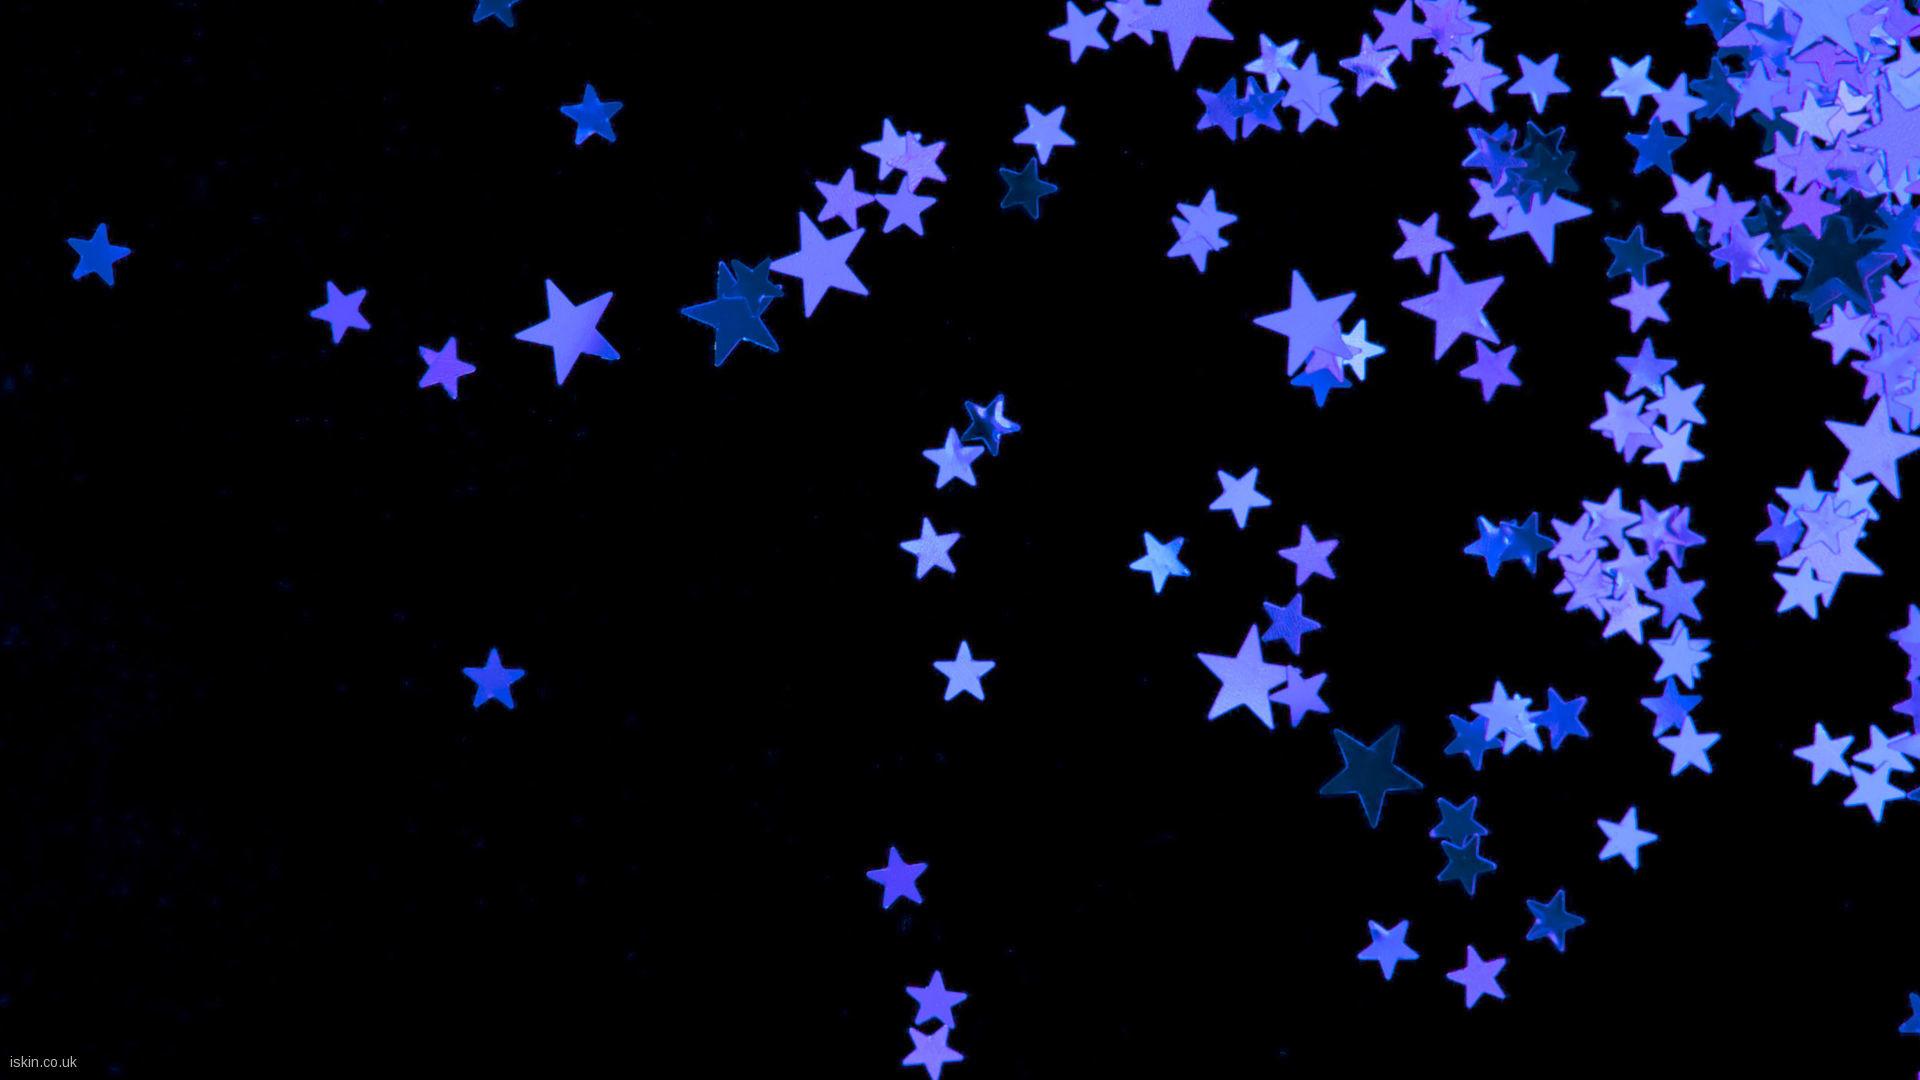 purple stars Desktop Wallpaper   iskin.co.uk